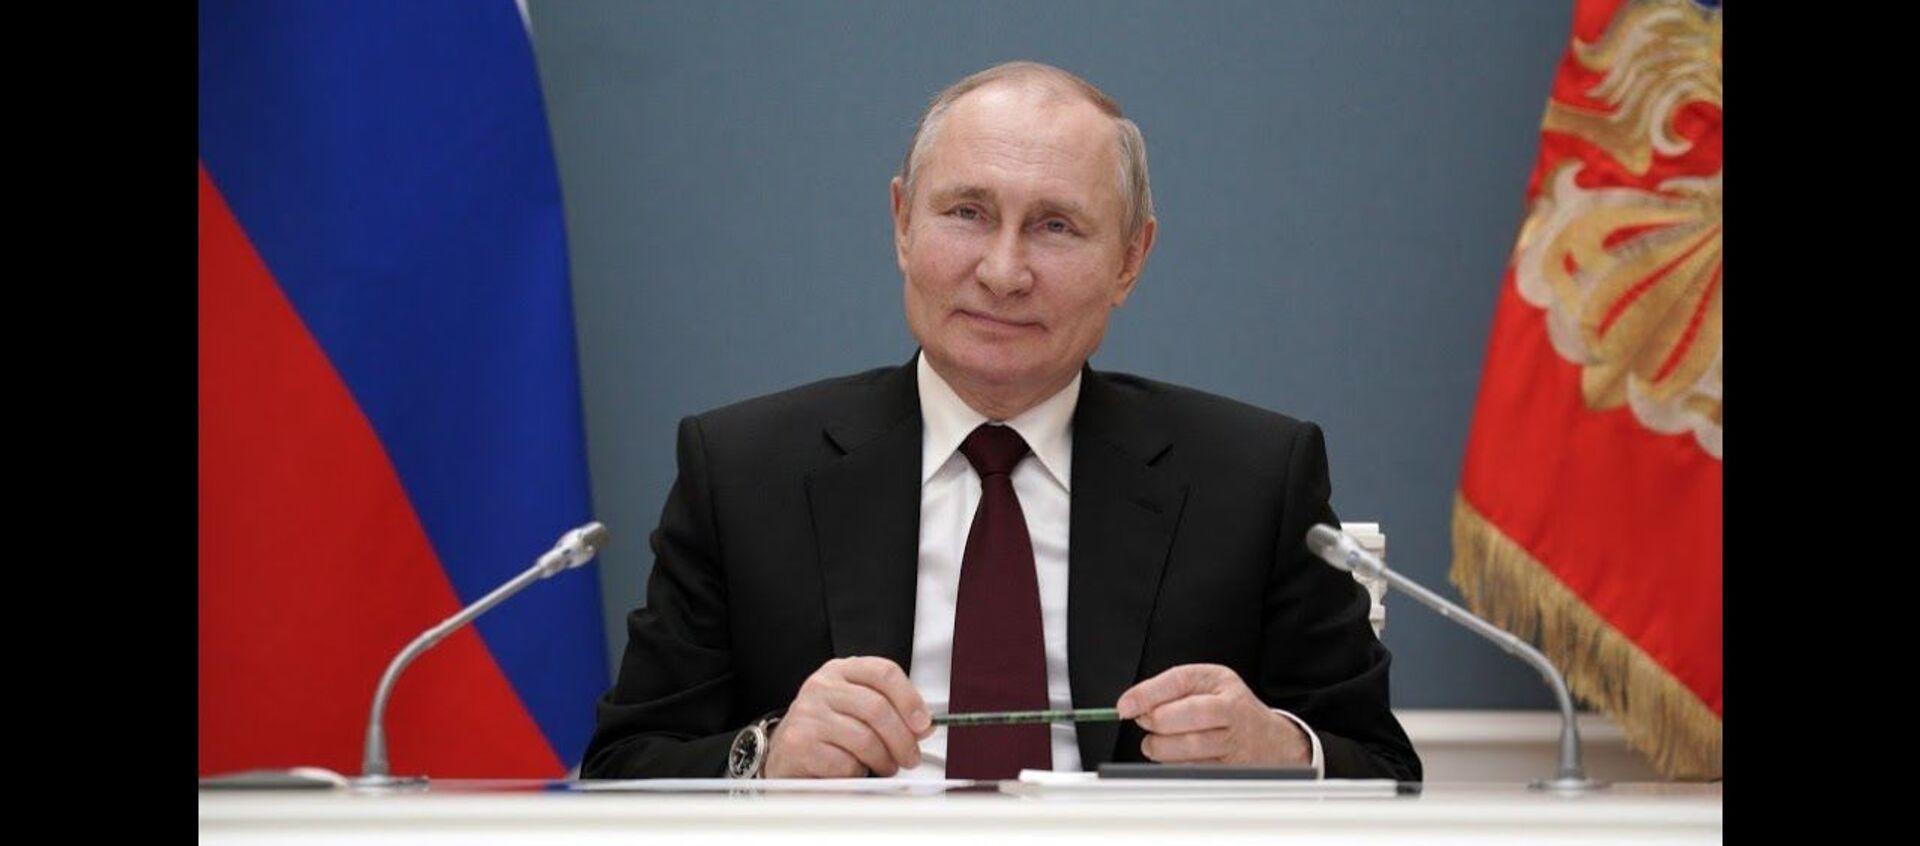 Единая, большая сила: мощнейшая речь Путина к семилетию воссоединения Крыма с Россией - Sputnik Латвия, 1920, 19.03.2021